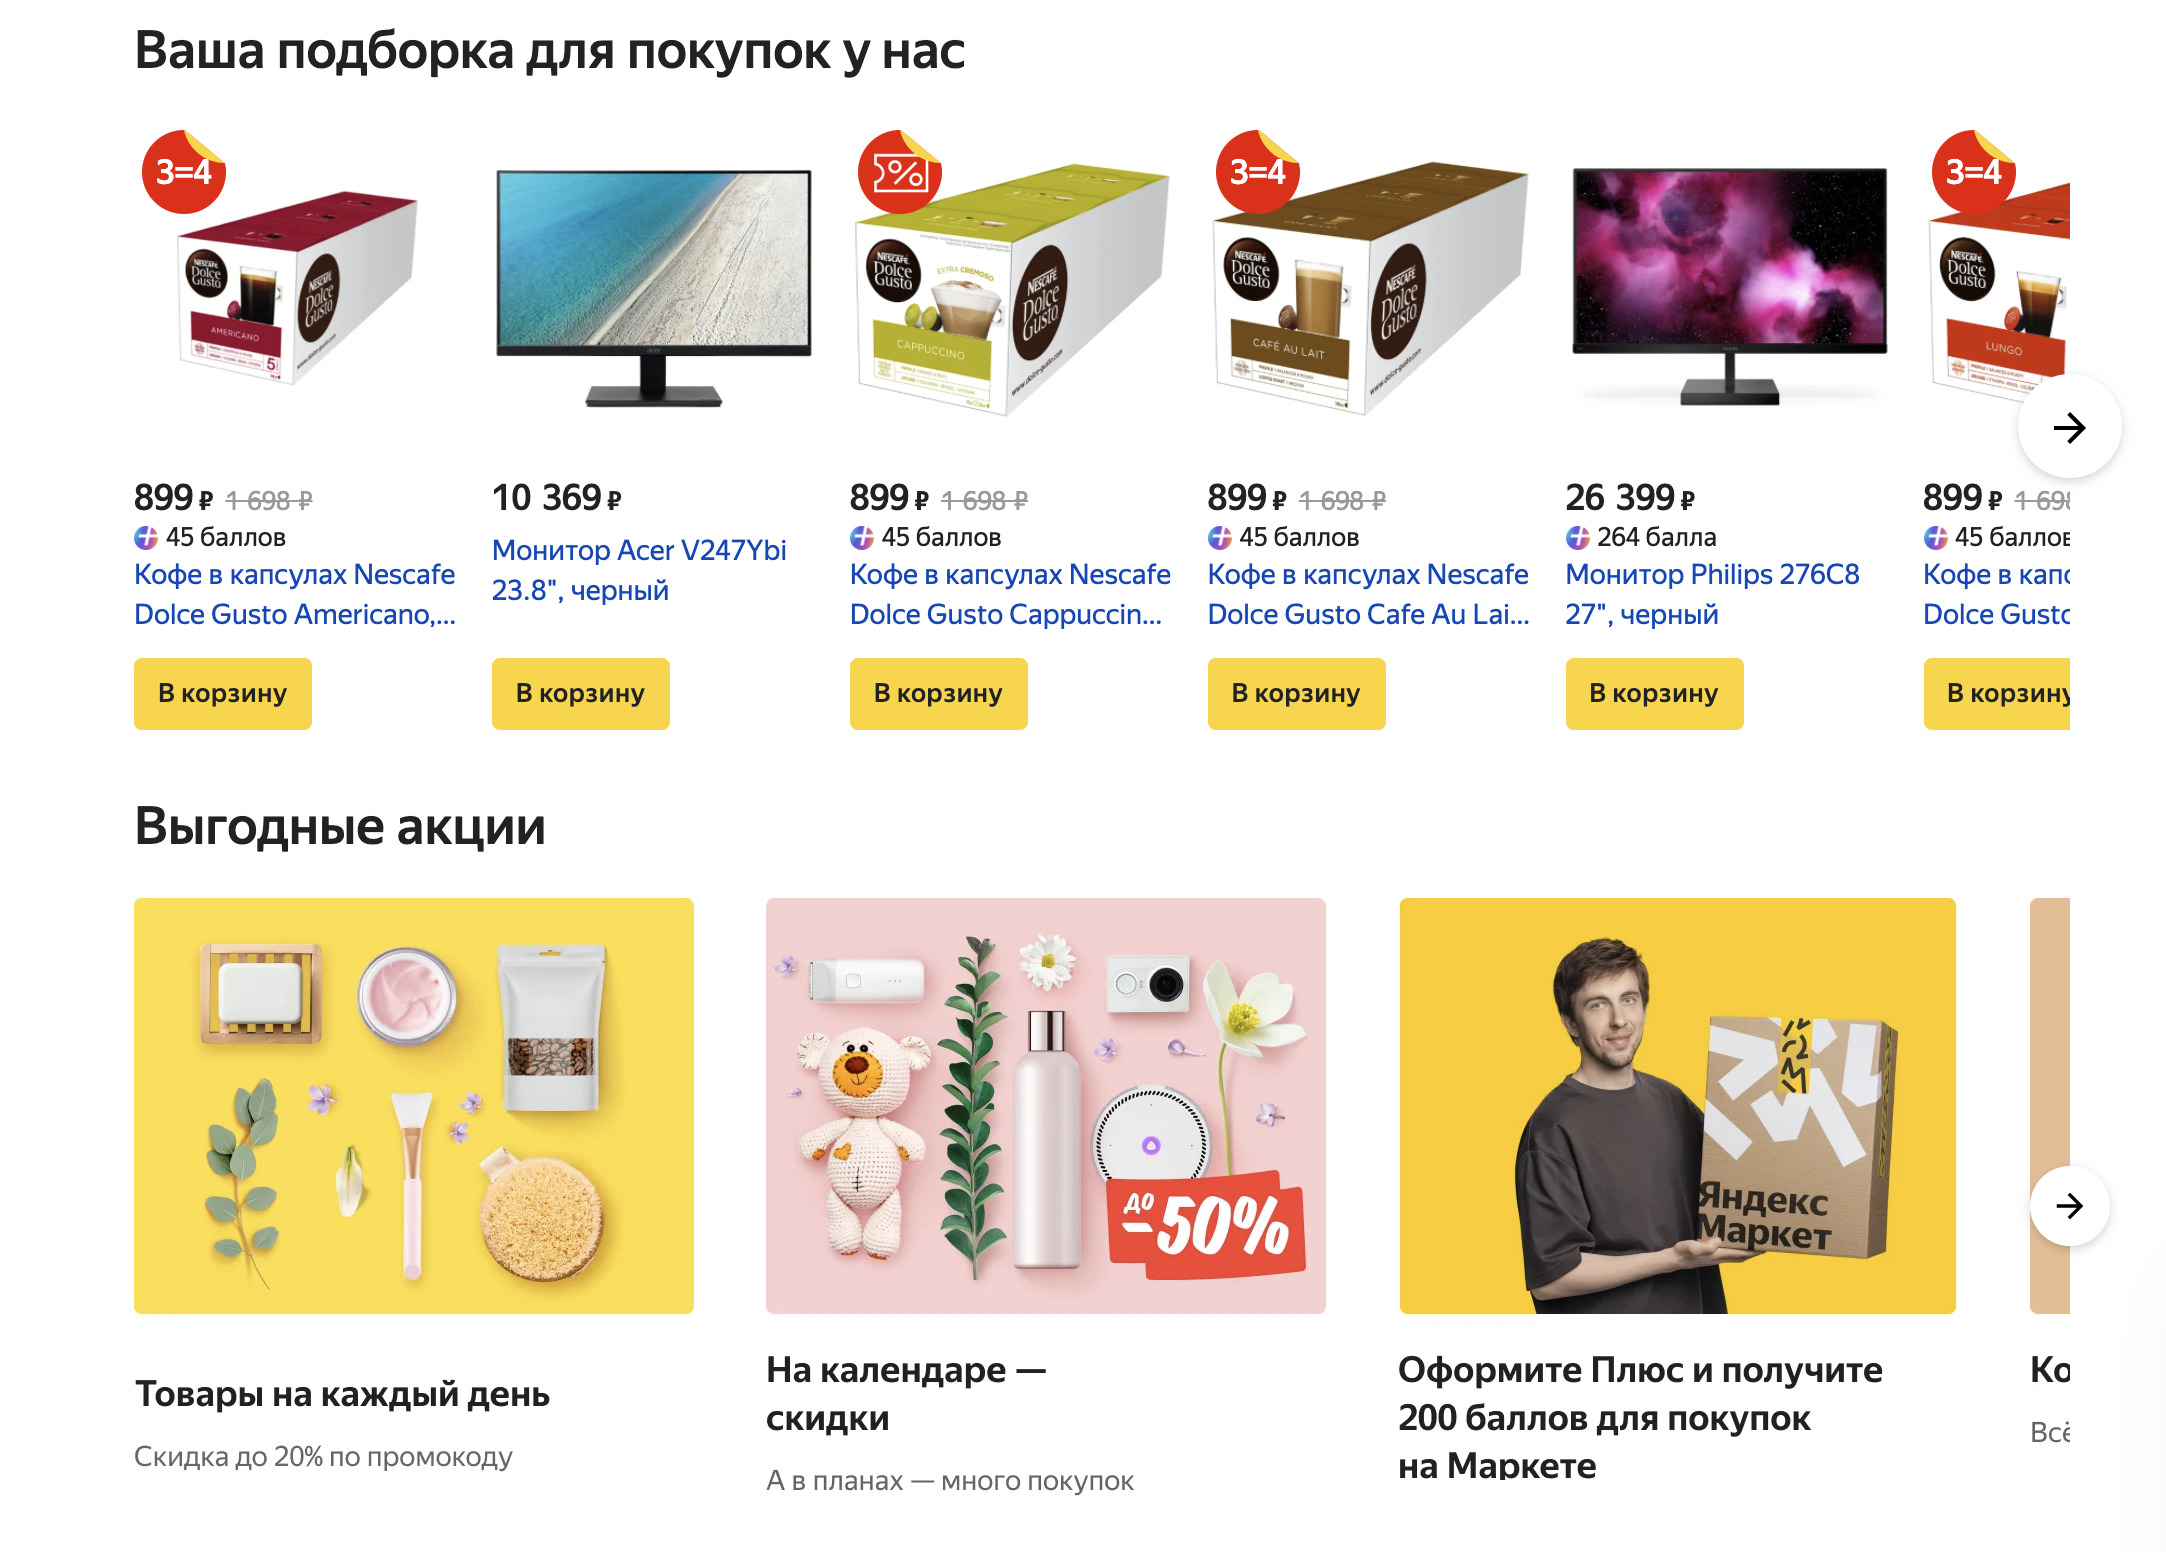 Доставка из Яндекс.Маркет в Саратовскую область, сроки, пункты выдачи, каталог